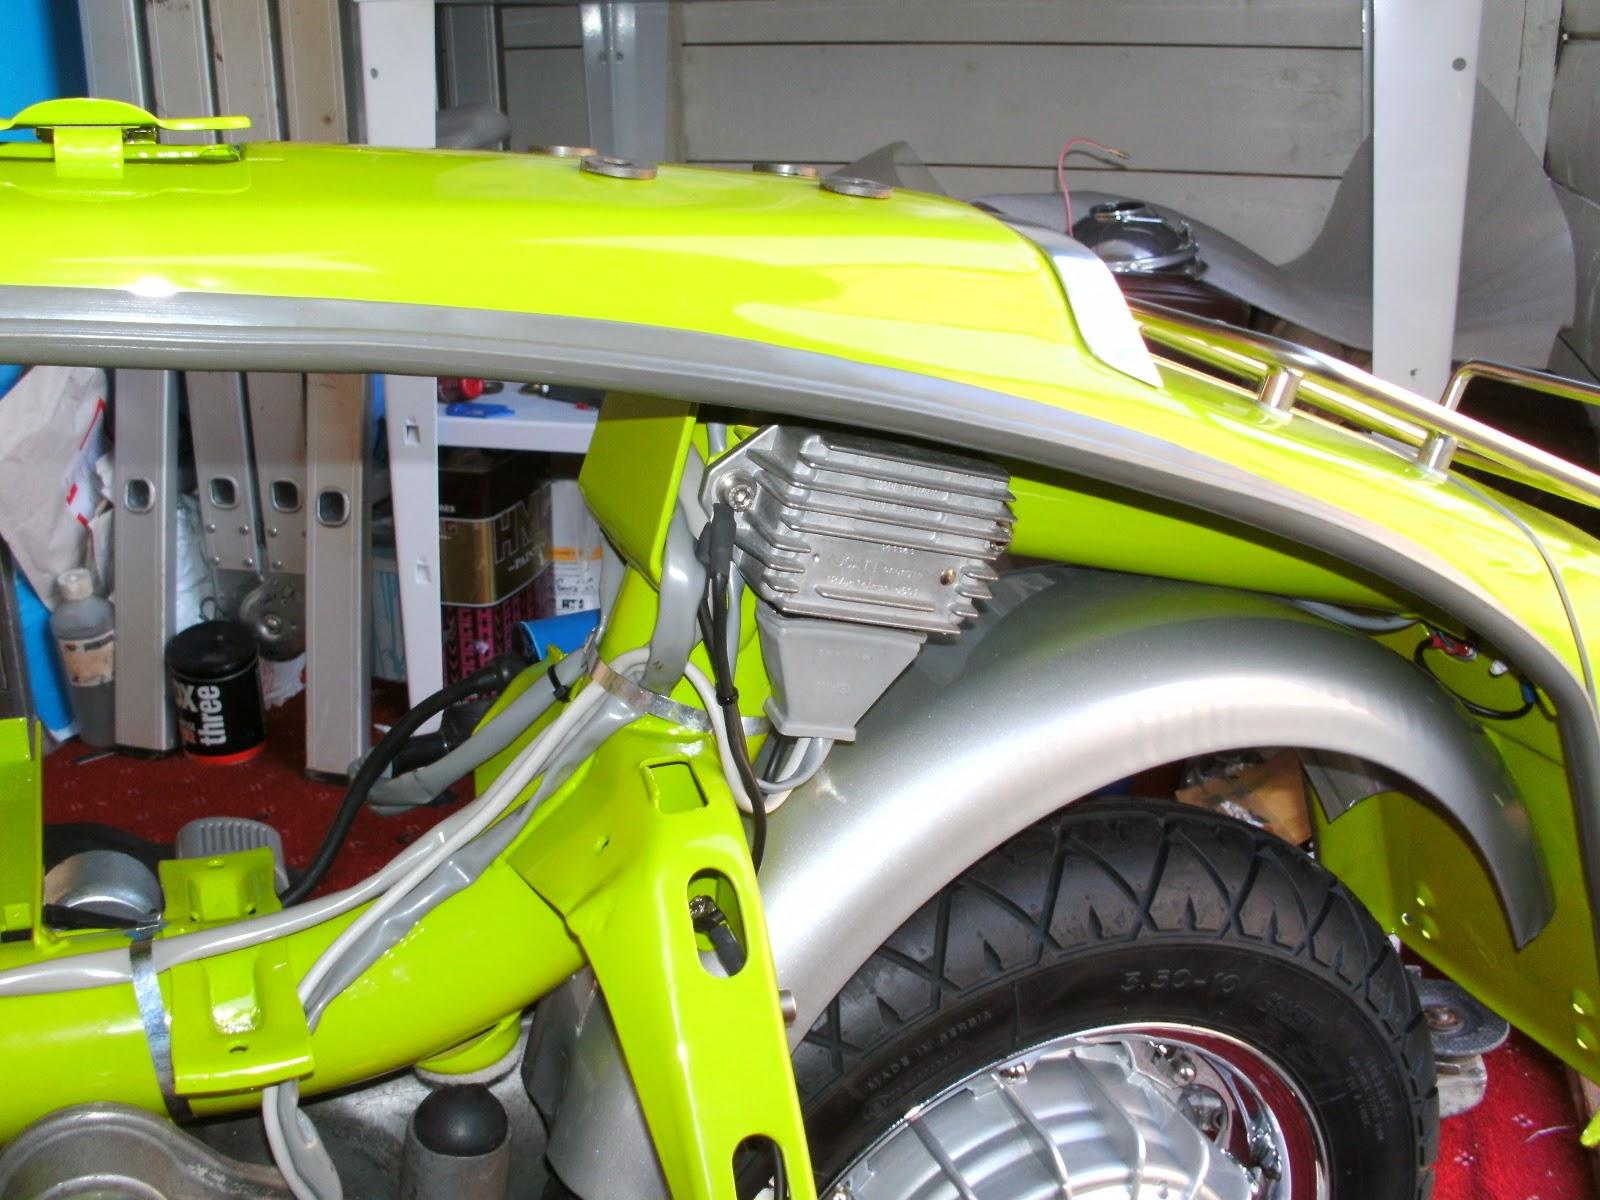 Serveta Lambretta Li 150  The Lambretta Wiring